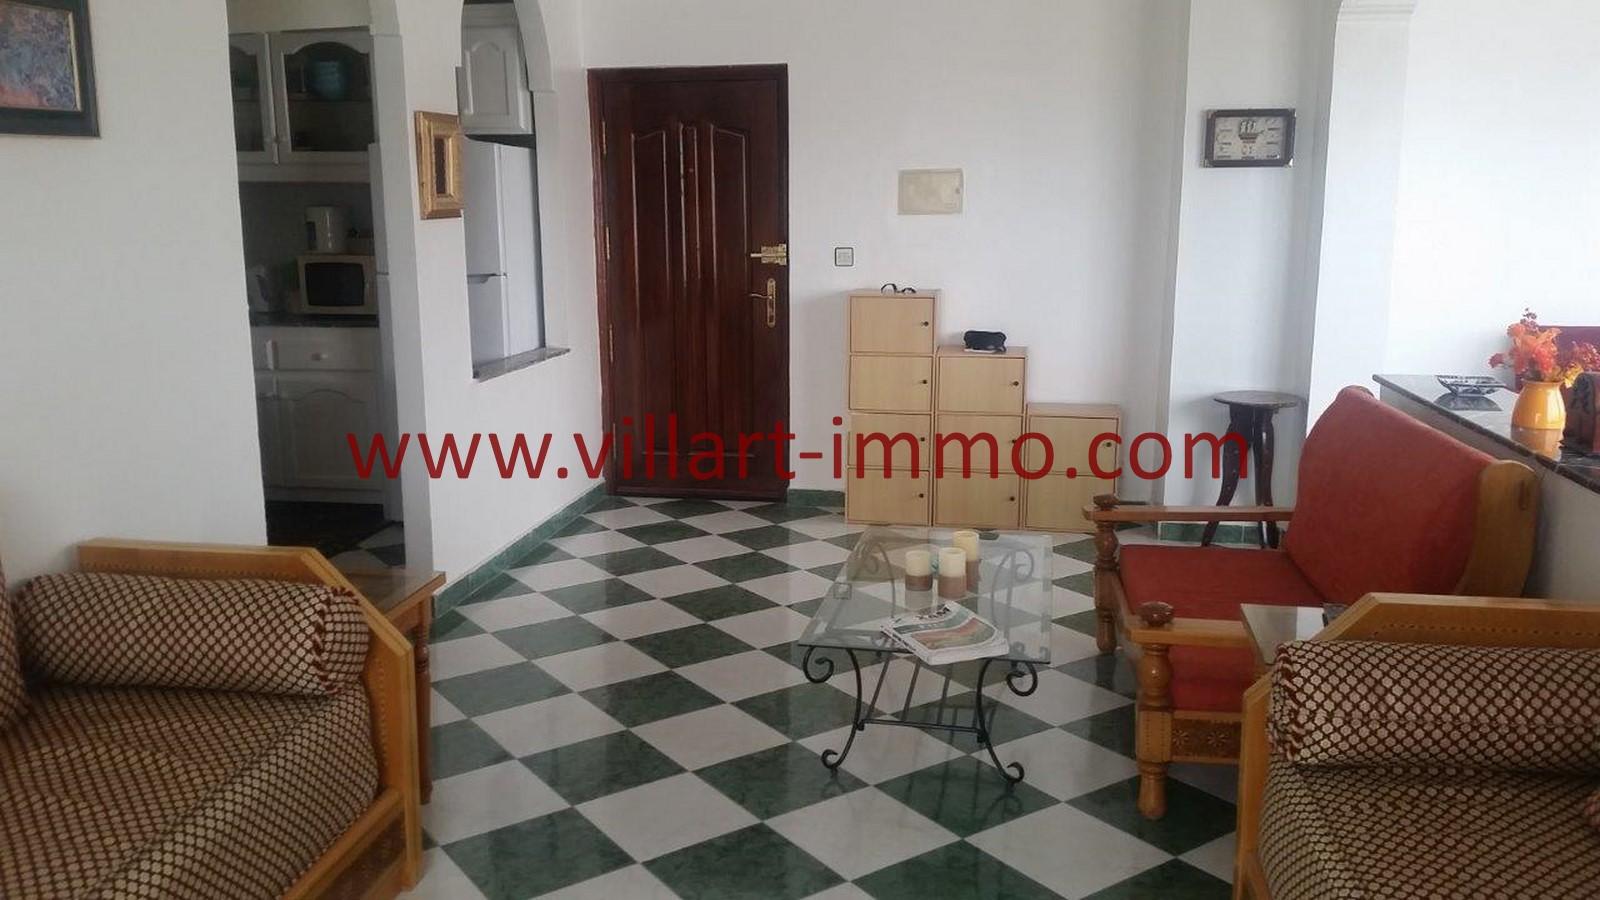 3-Location-Appartement-Tanger-Centre ville-Couloir-L984-Villart immo